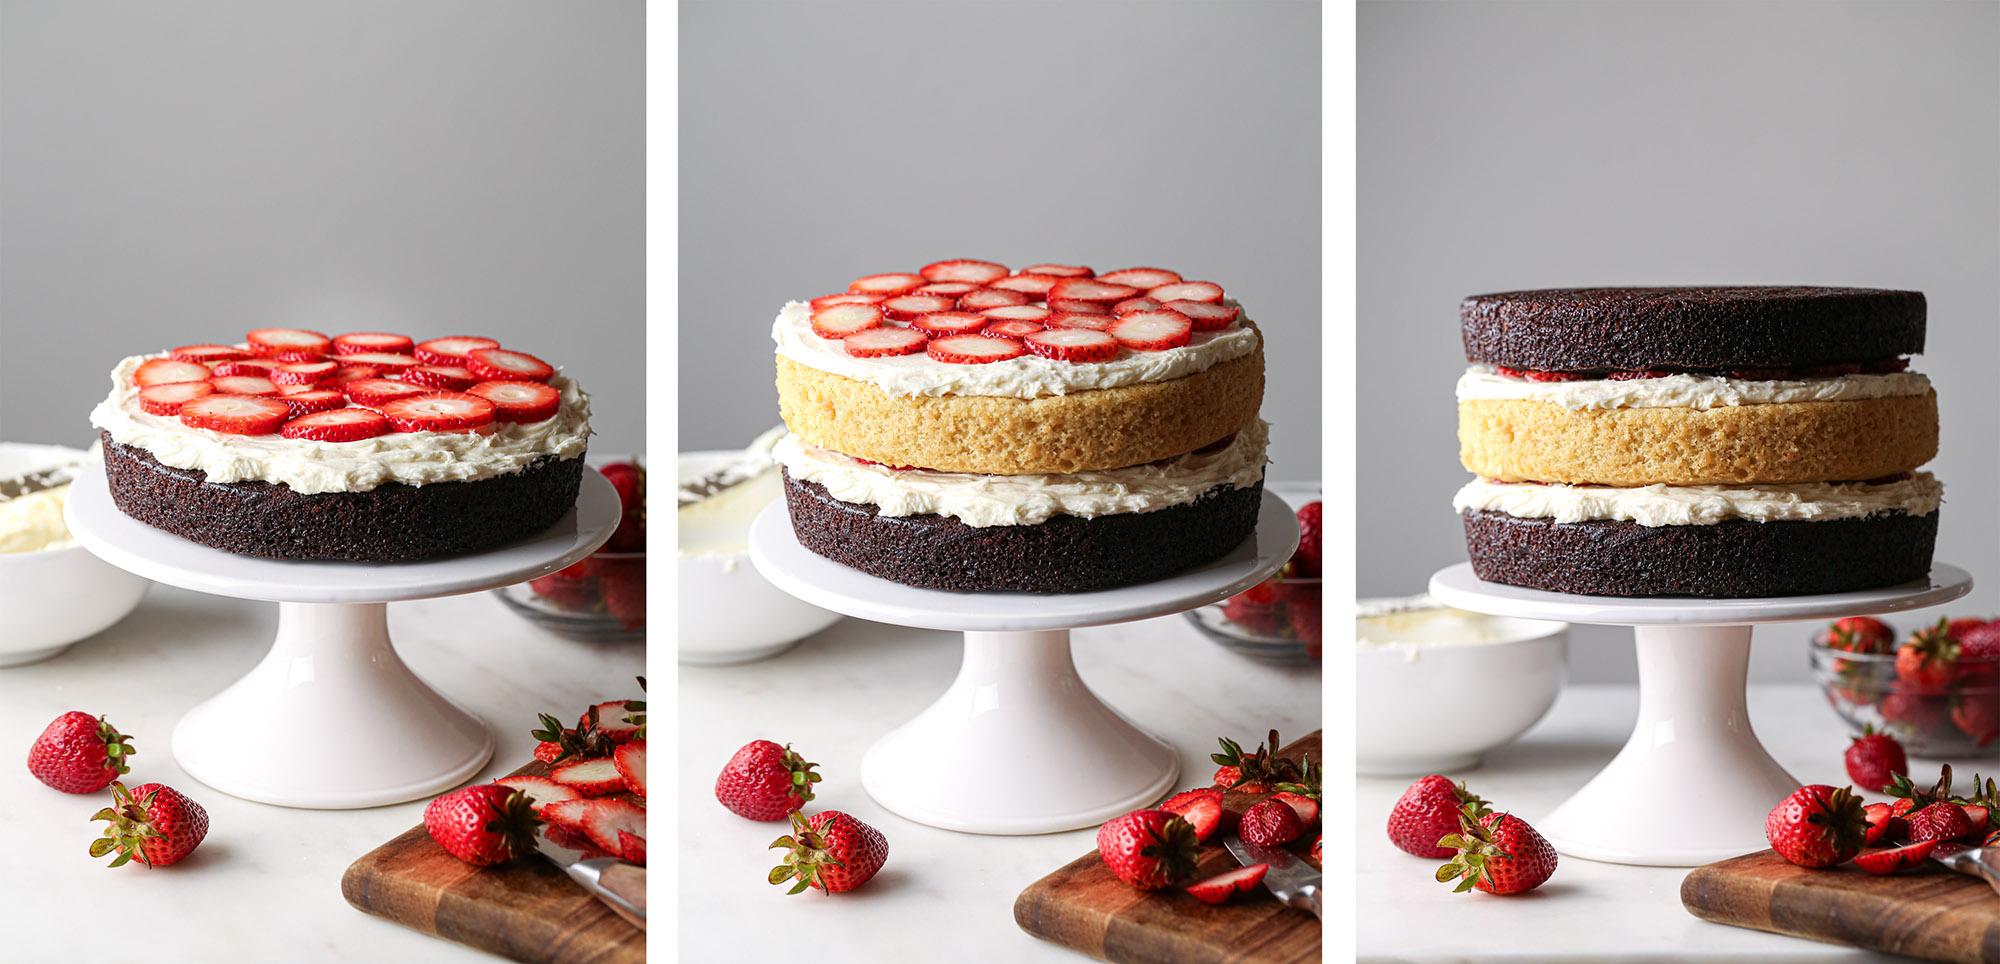 Neapolitan Cake | Chocolate and vanilla cake with vanilla buttercream and fresh strawberries